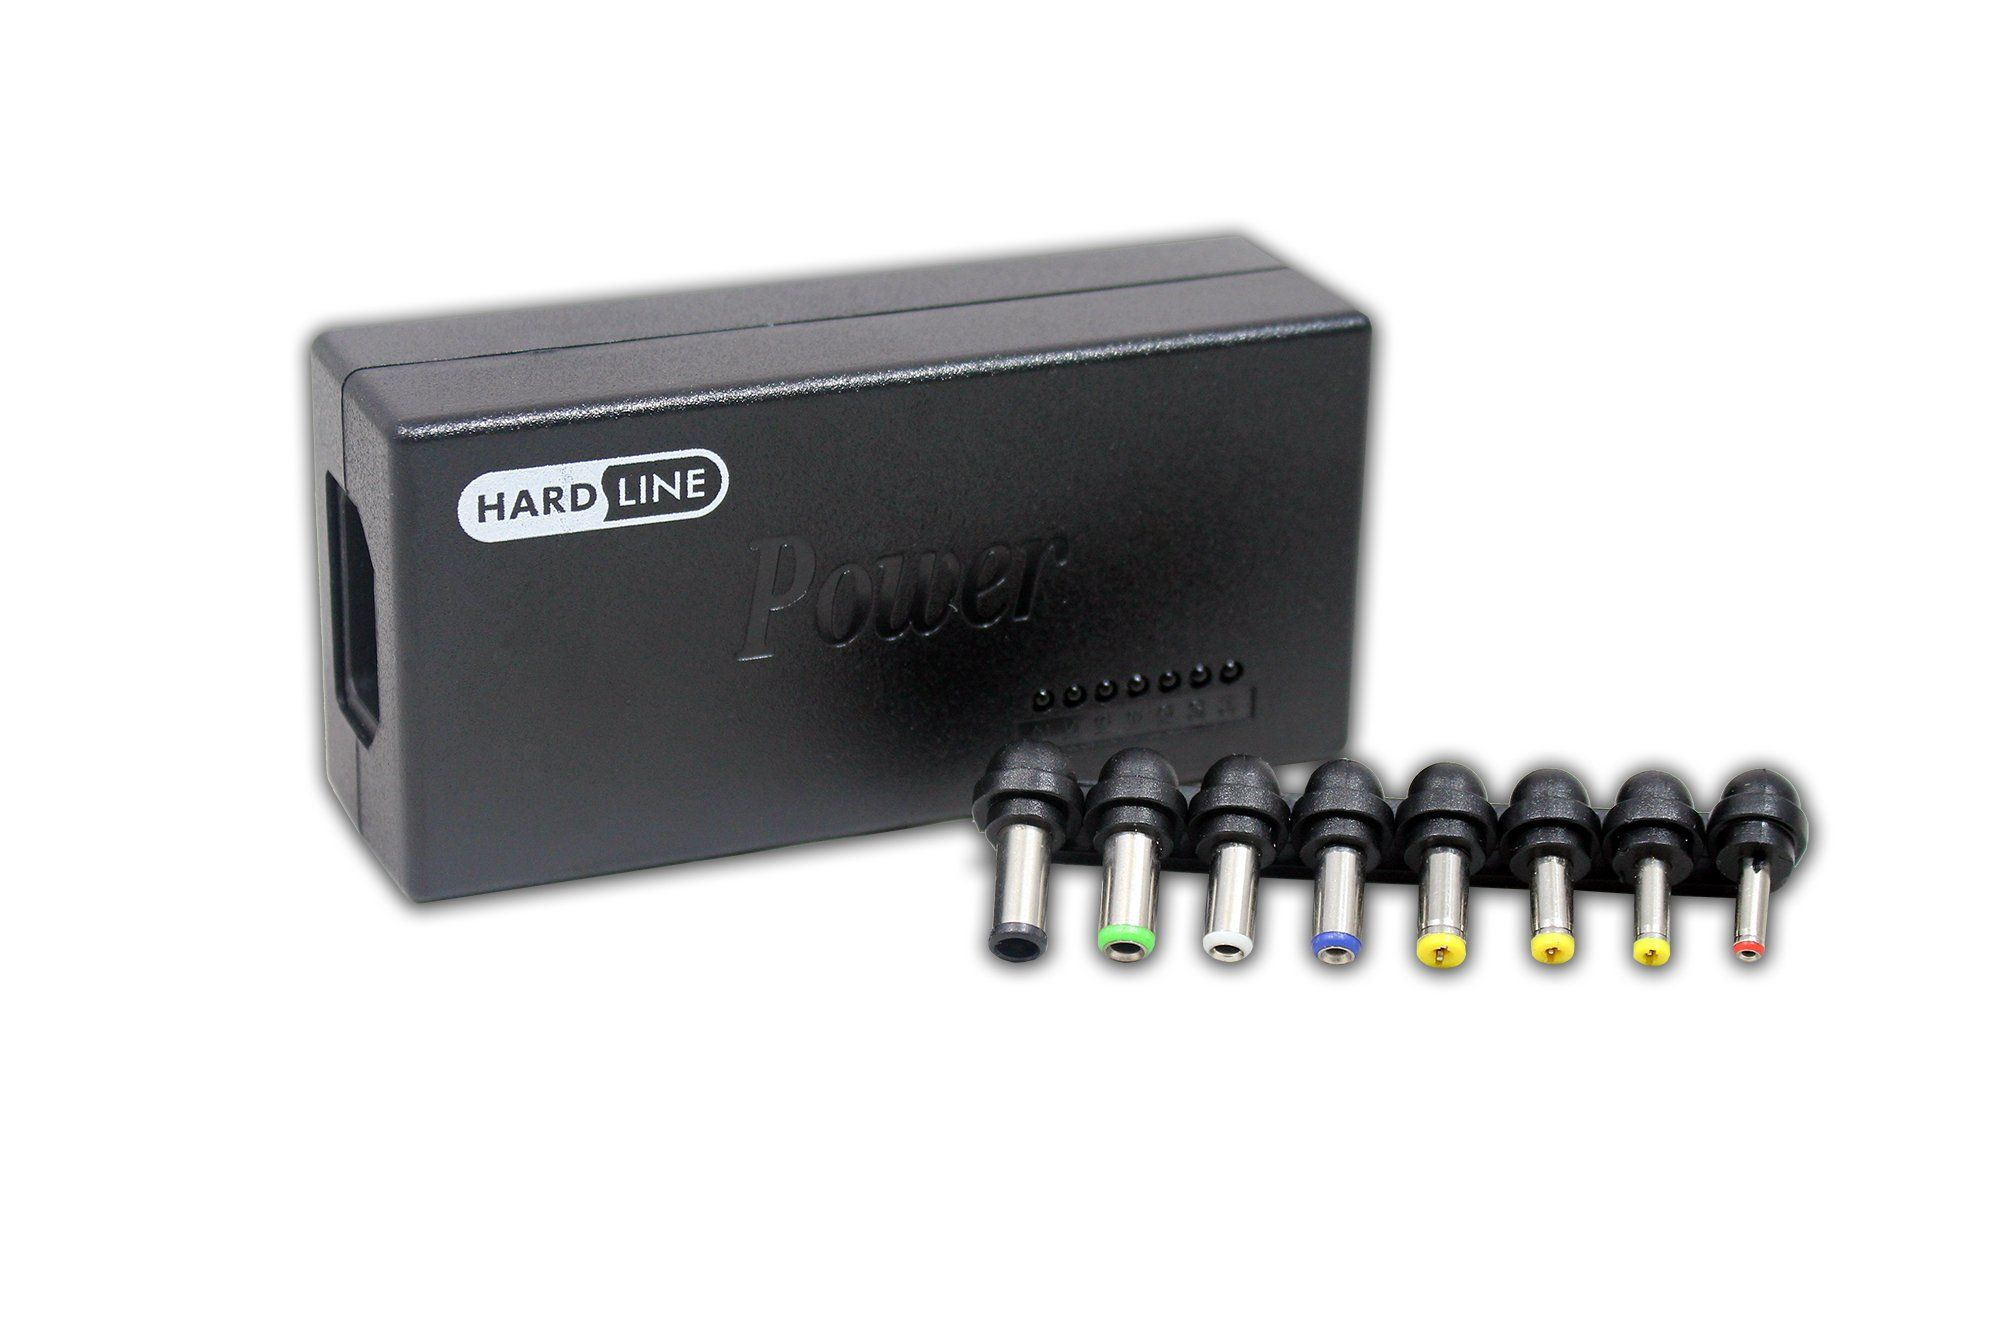 Fonte Universal para Notebook 90W com 8 Pinos 12v-19v/4A e 20-24v/4A HL-90W Hardline